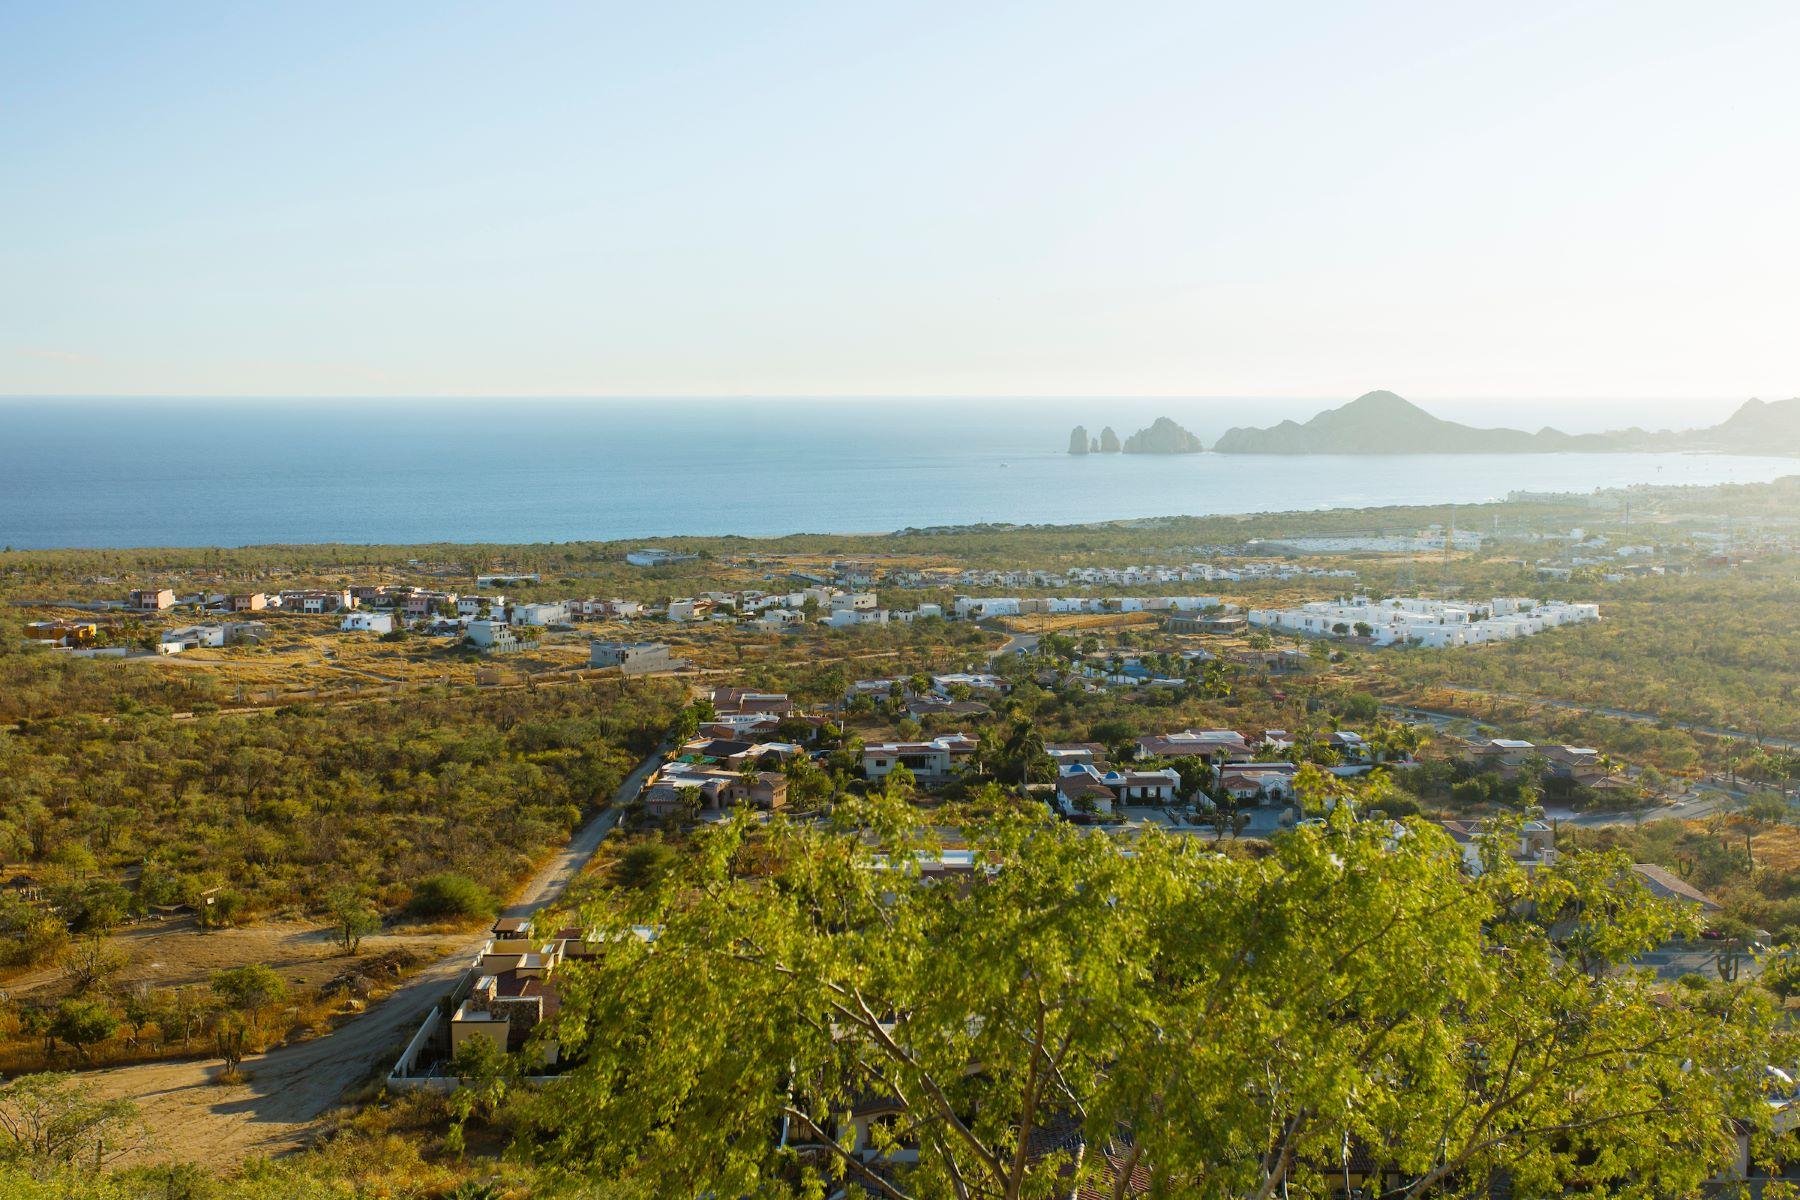 Land for Sale at Rancho Paraiso Heights E-13 Cabo San Lucas, Baja California Sur Mexico